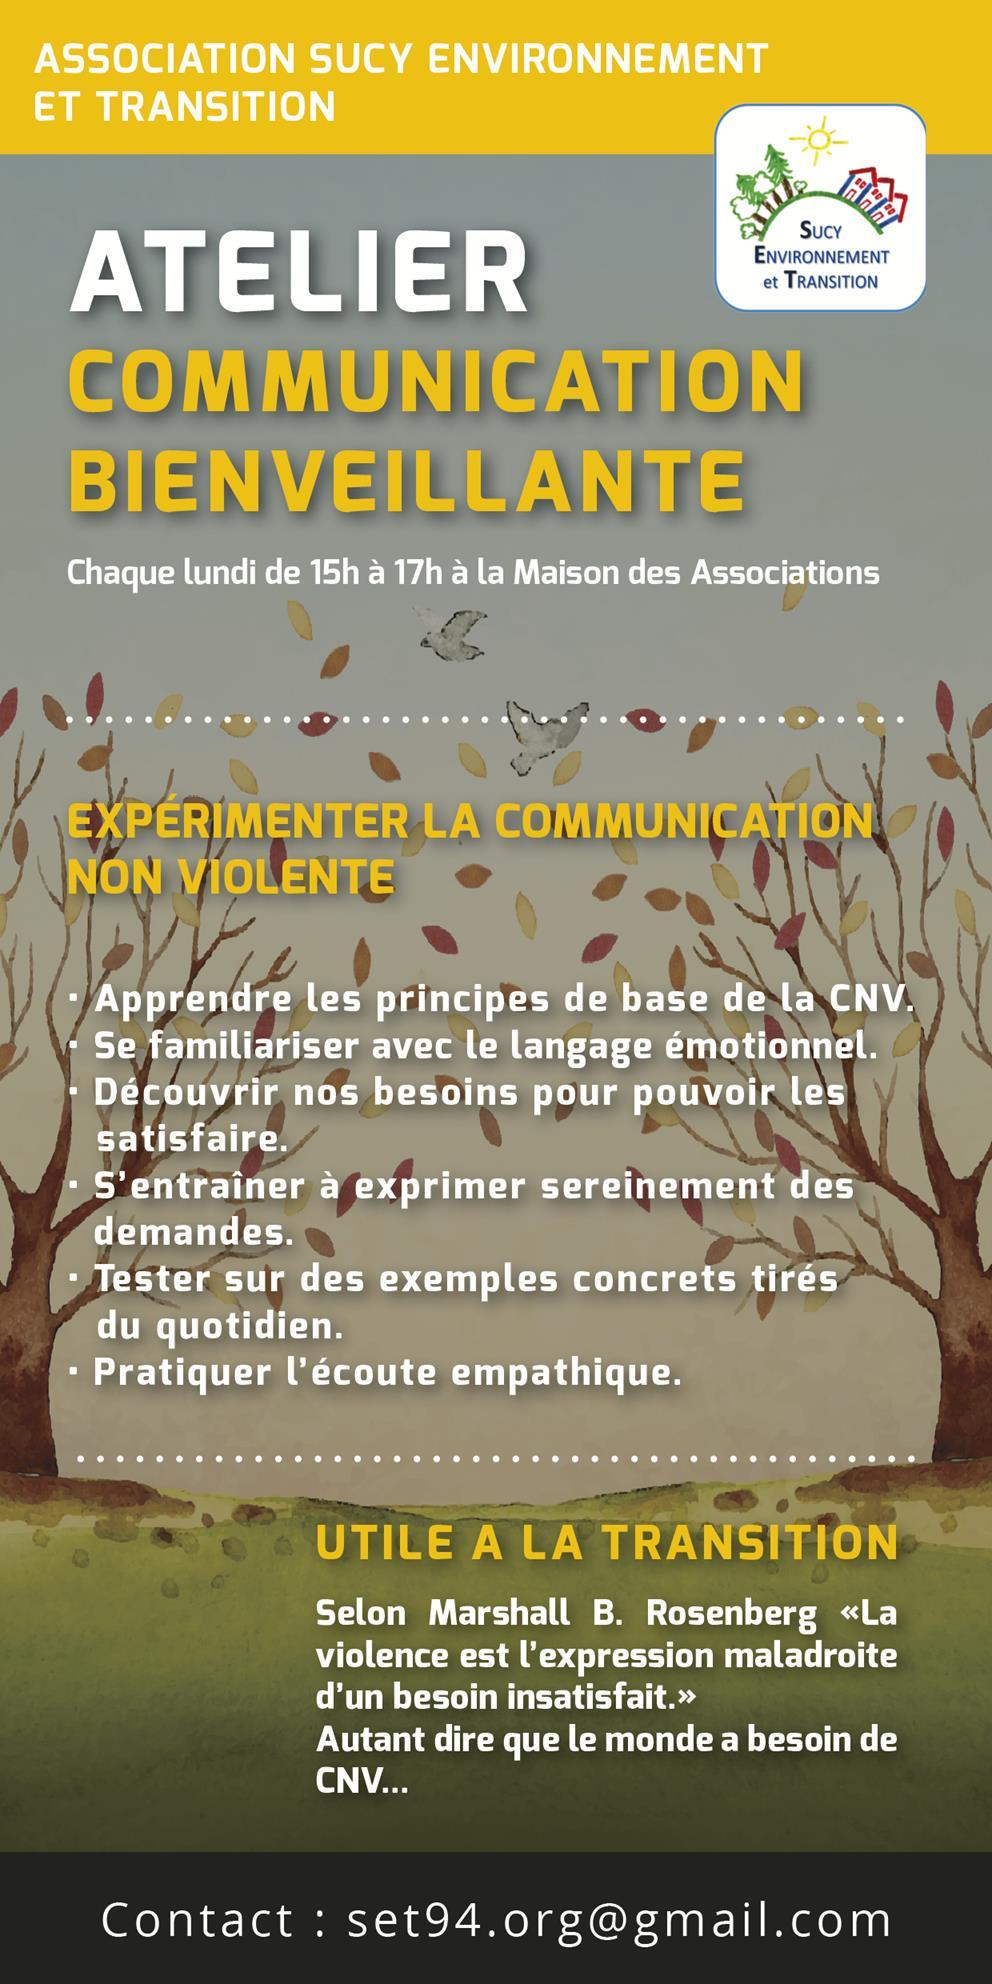 Atelier_Communication_bienveillante (1) (Copy)